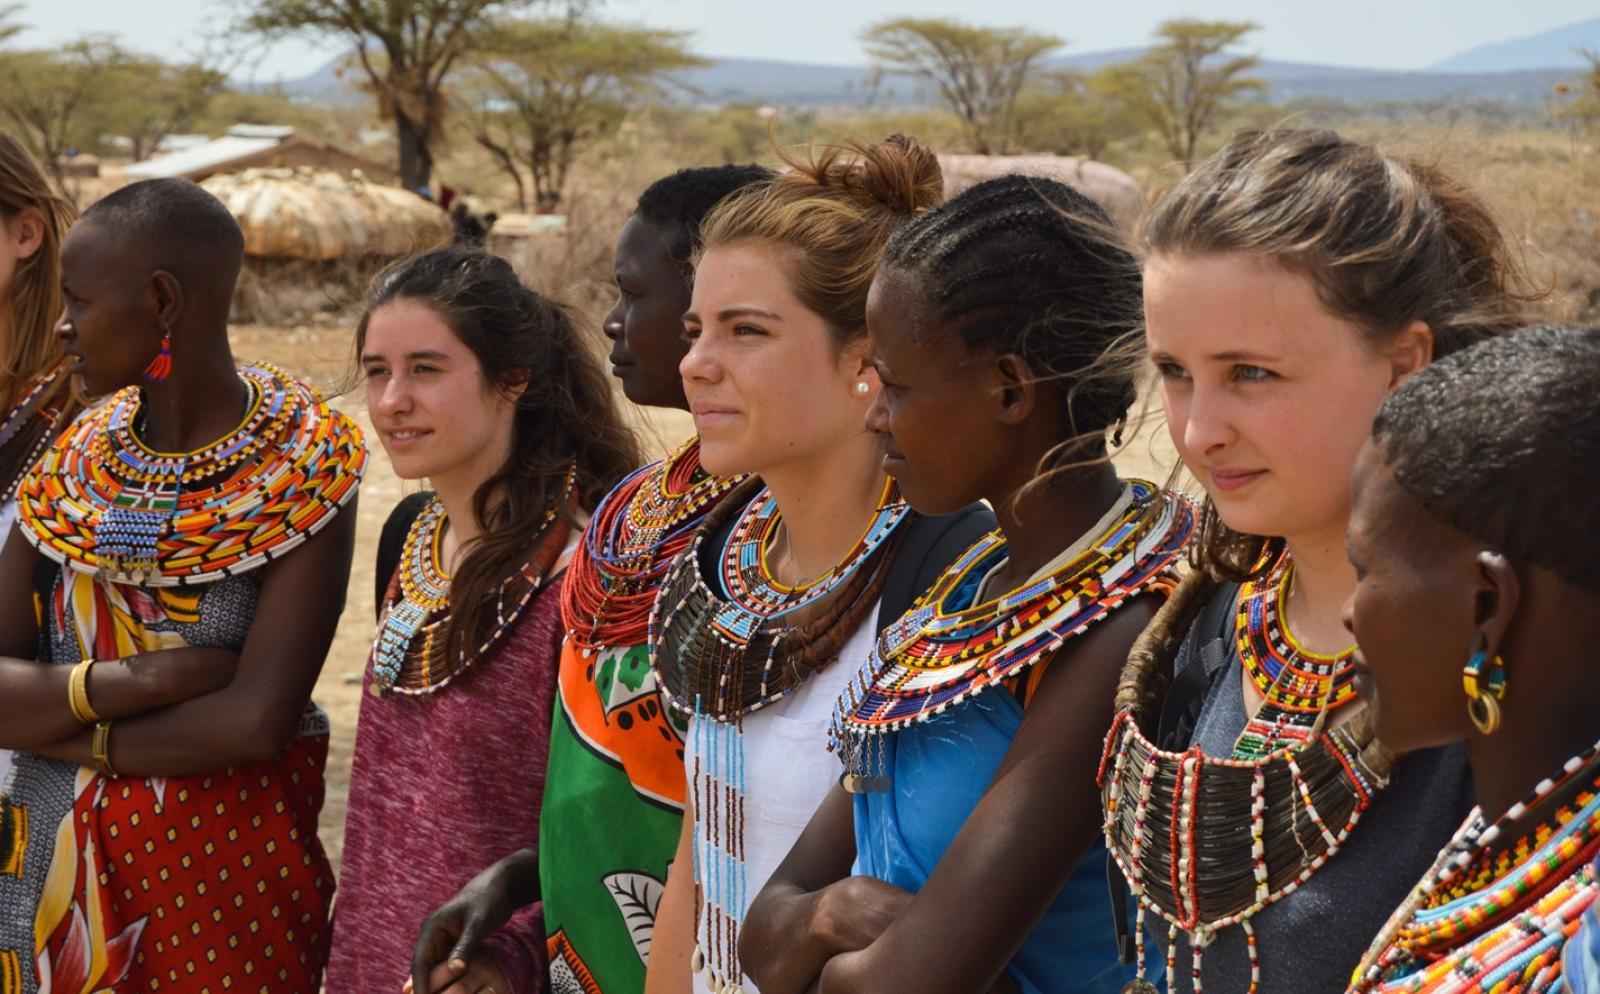 東アフリカのタンザニアで異文化体験に触れるボランティアたち